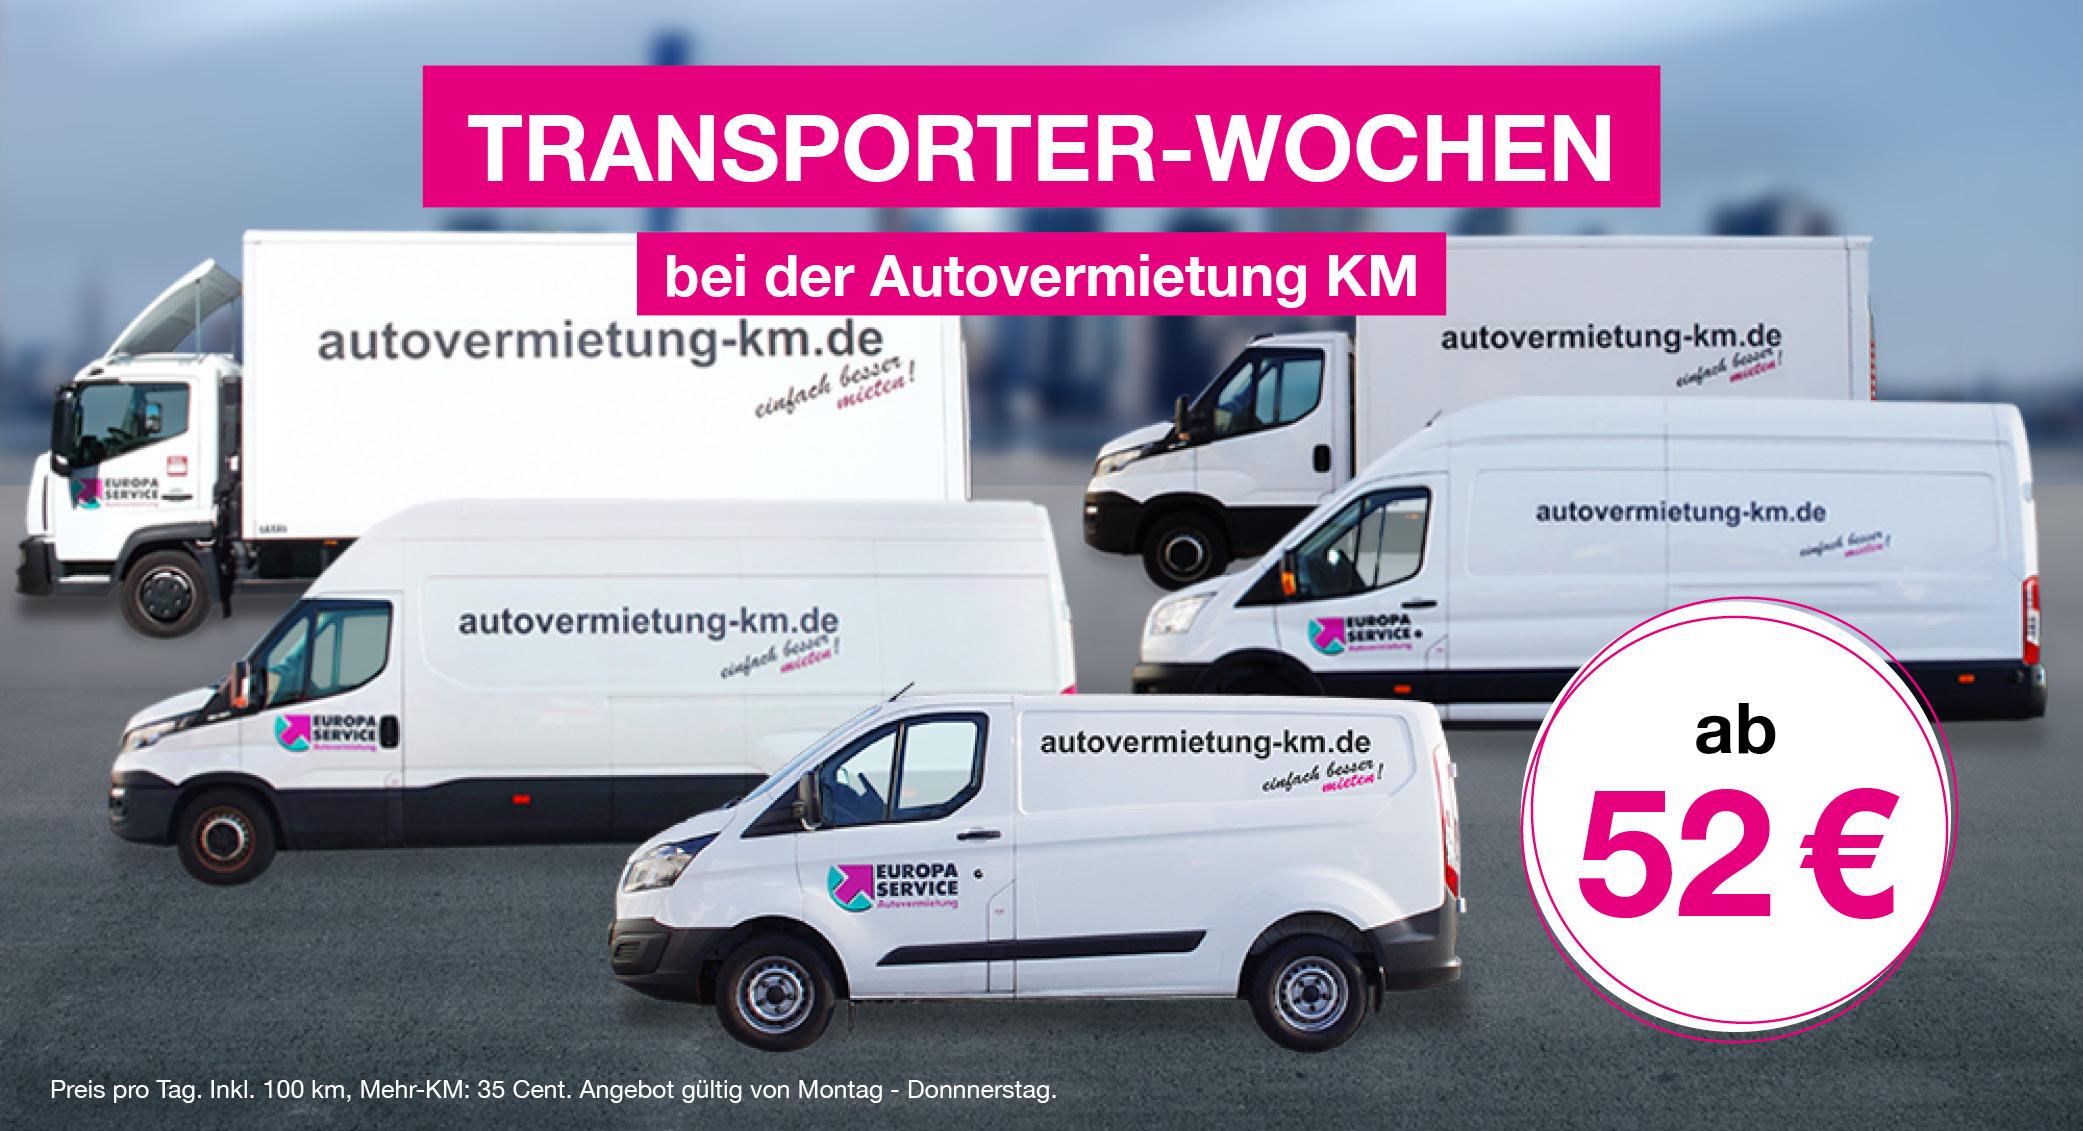 Autovermietung Km Vertriebs Gmbh Koblenz